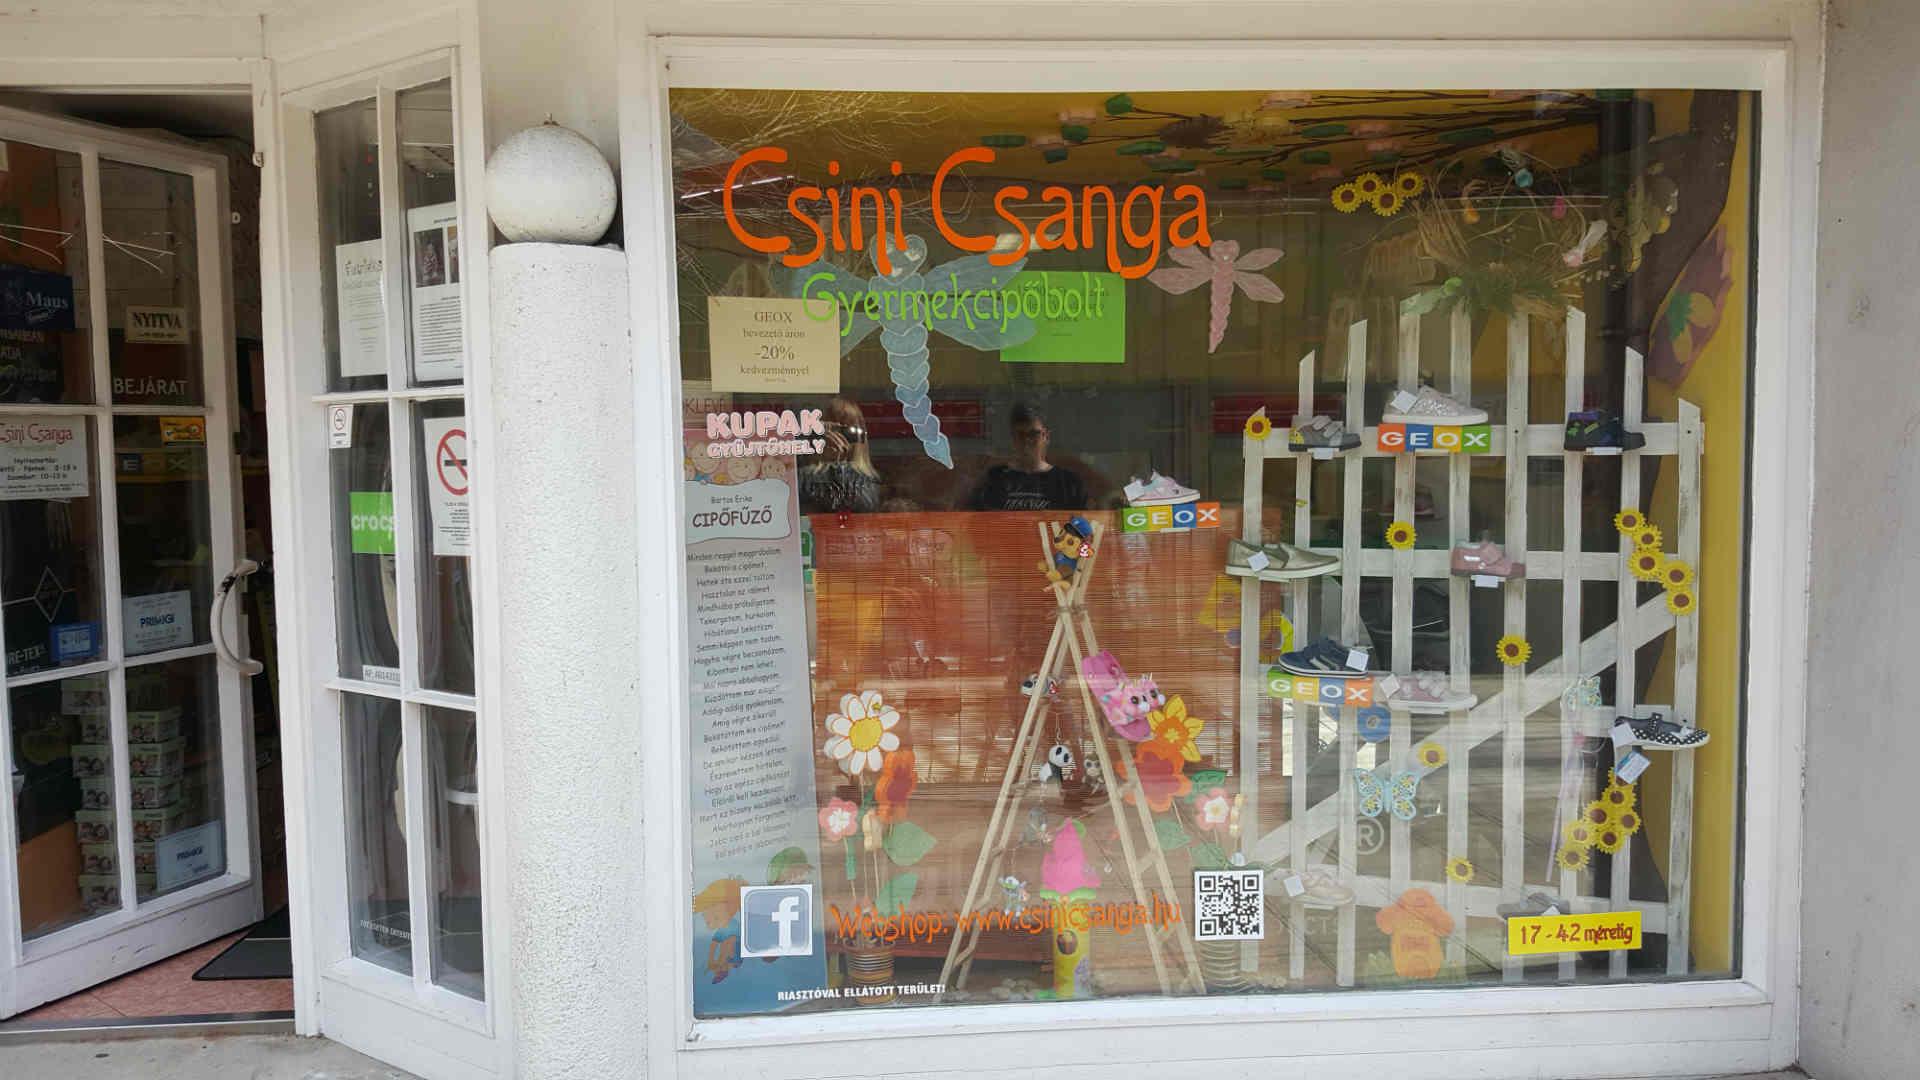 Csini Csanga Gyermekcipőbolt